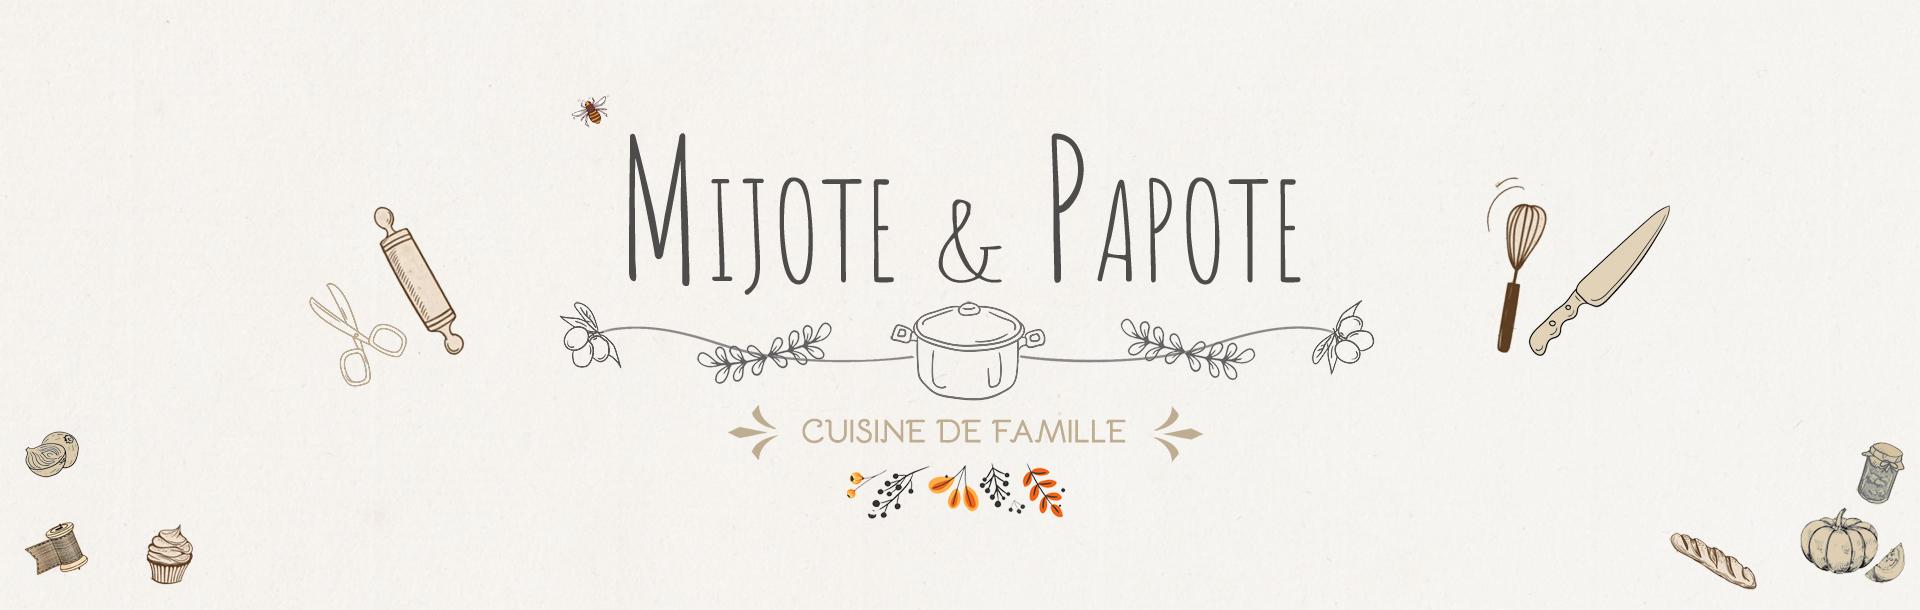 En-tête Mijote & Papote